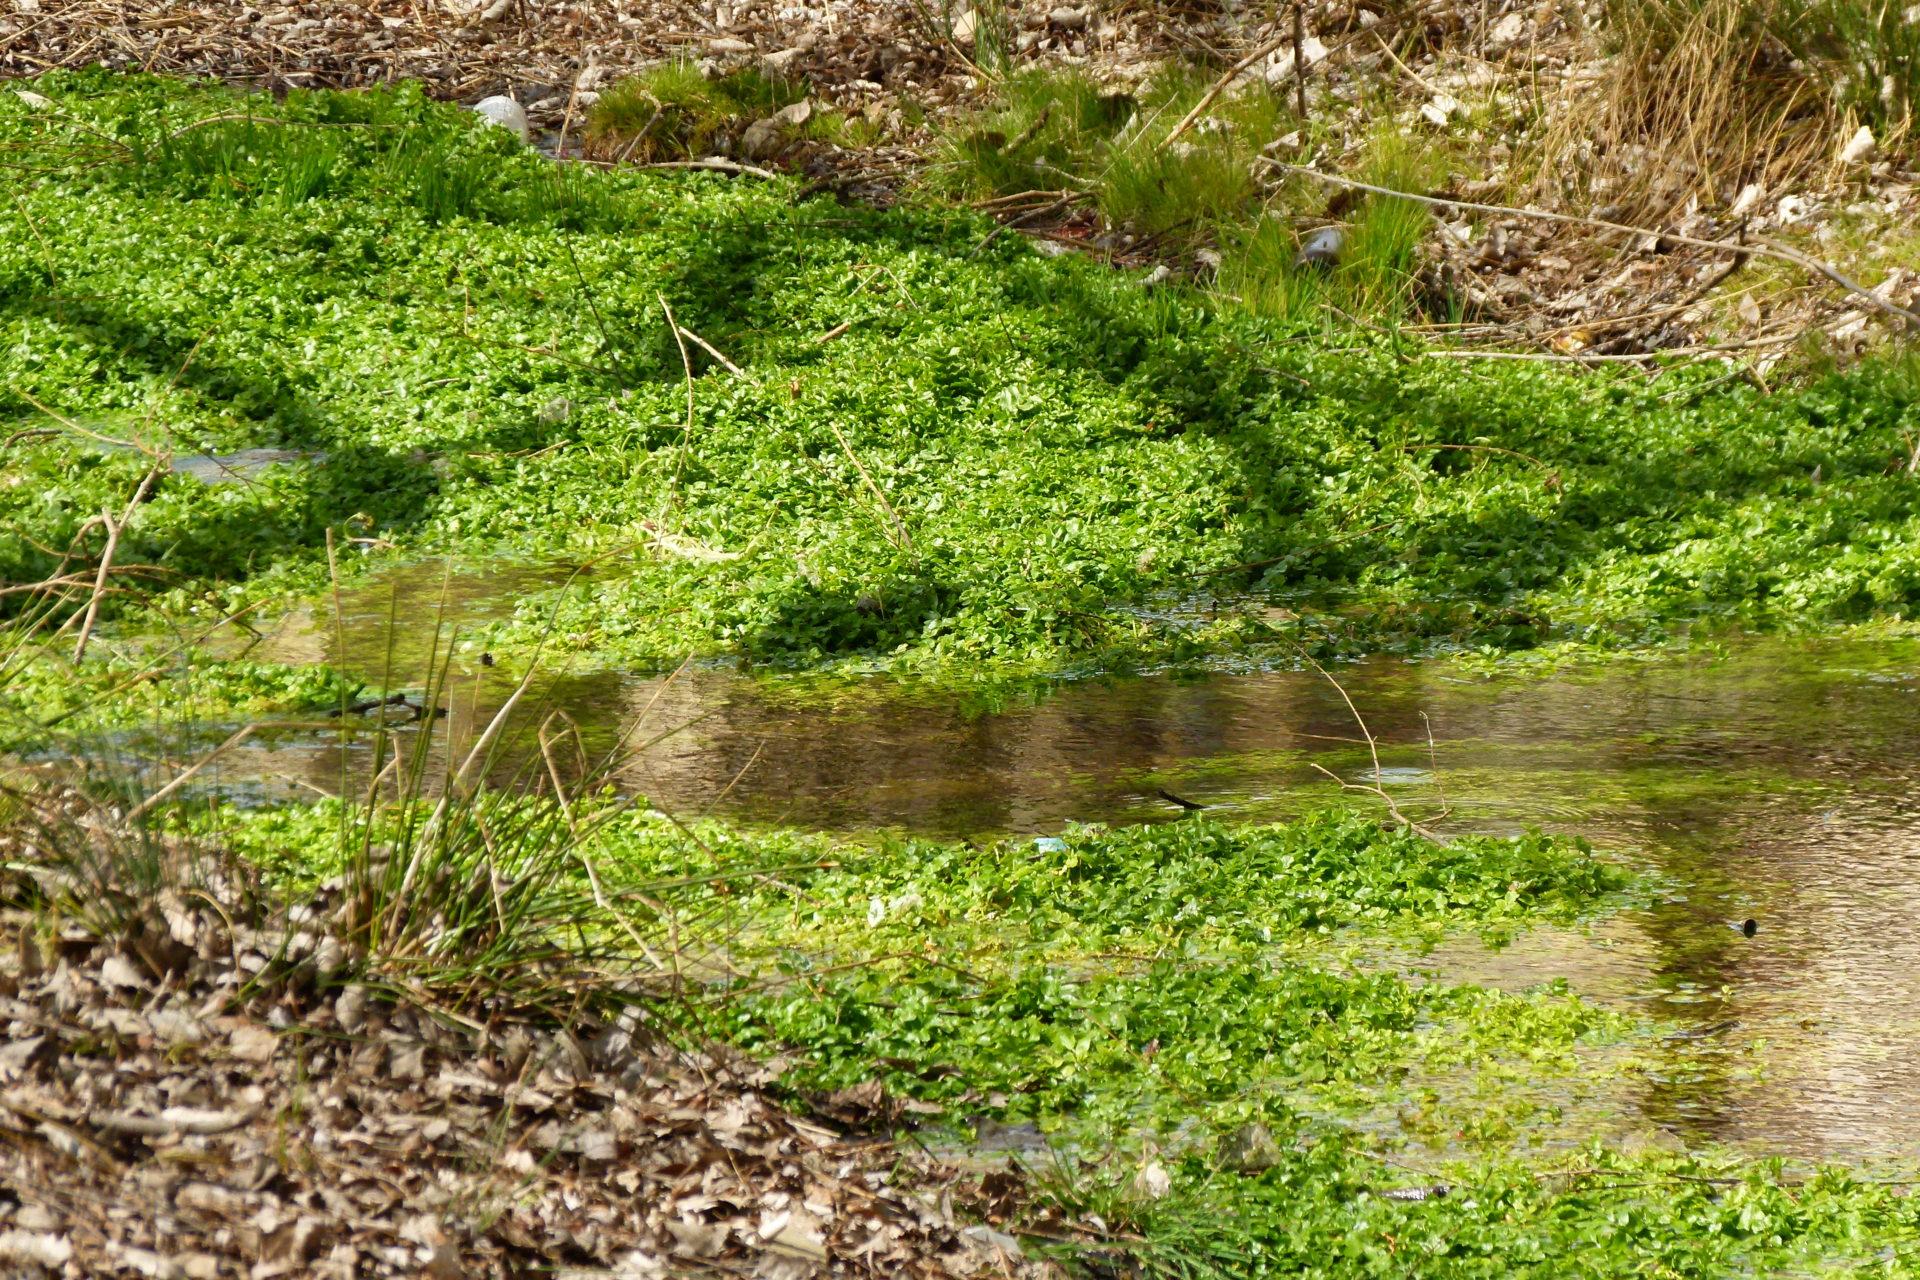 El agua para el riego de las plantas, es captada directamente del manantial, lo que garantiza la salubridad y seguridad de la misma.